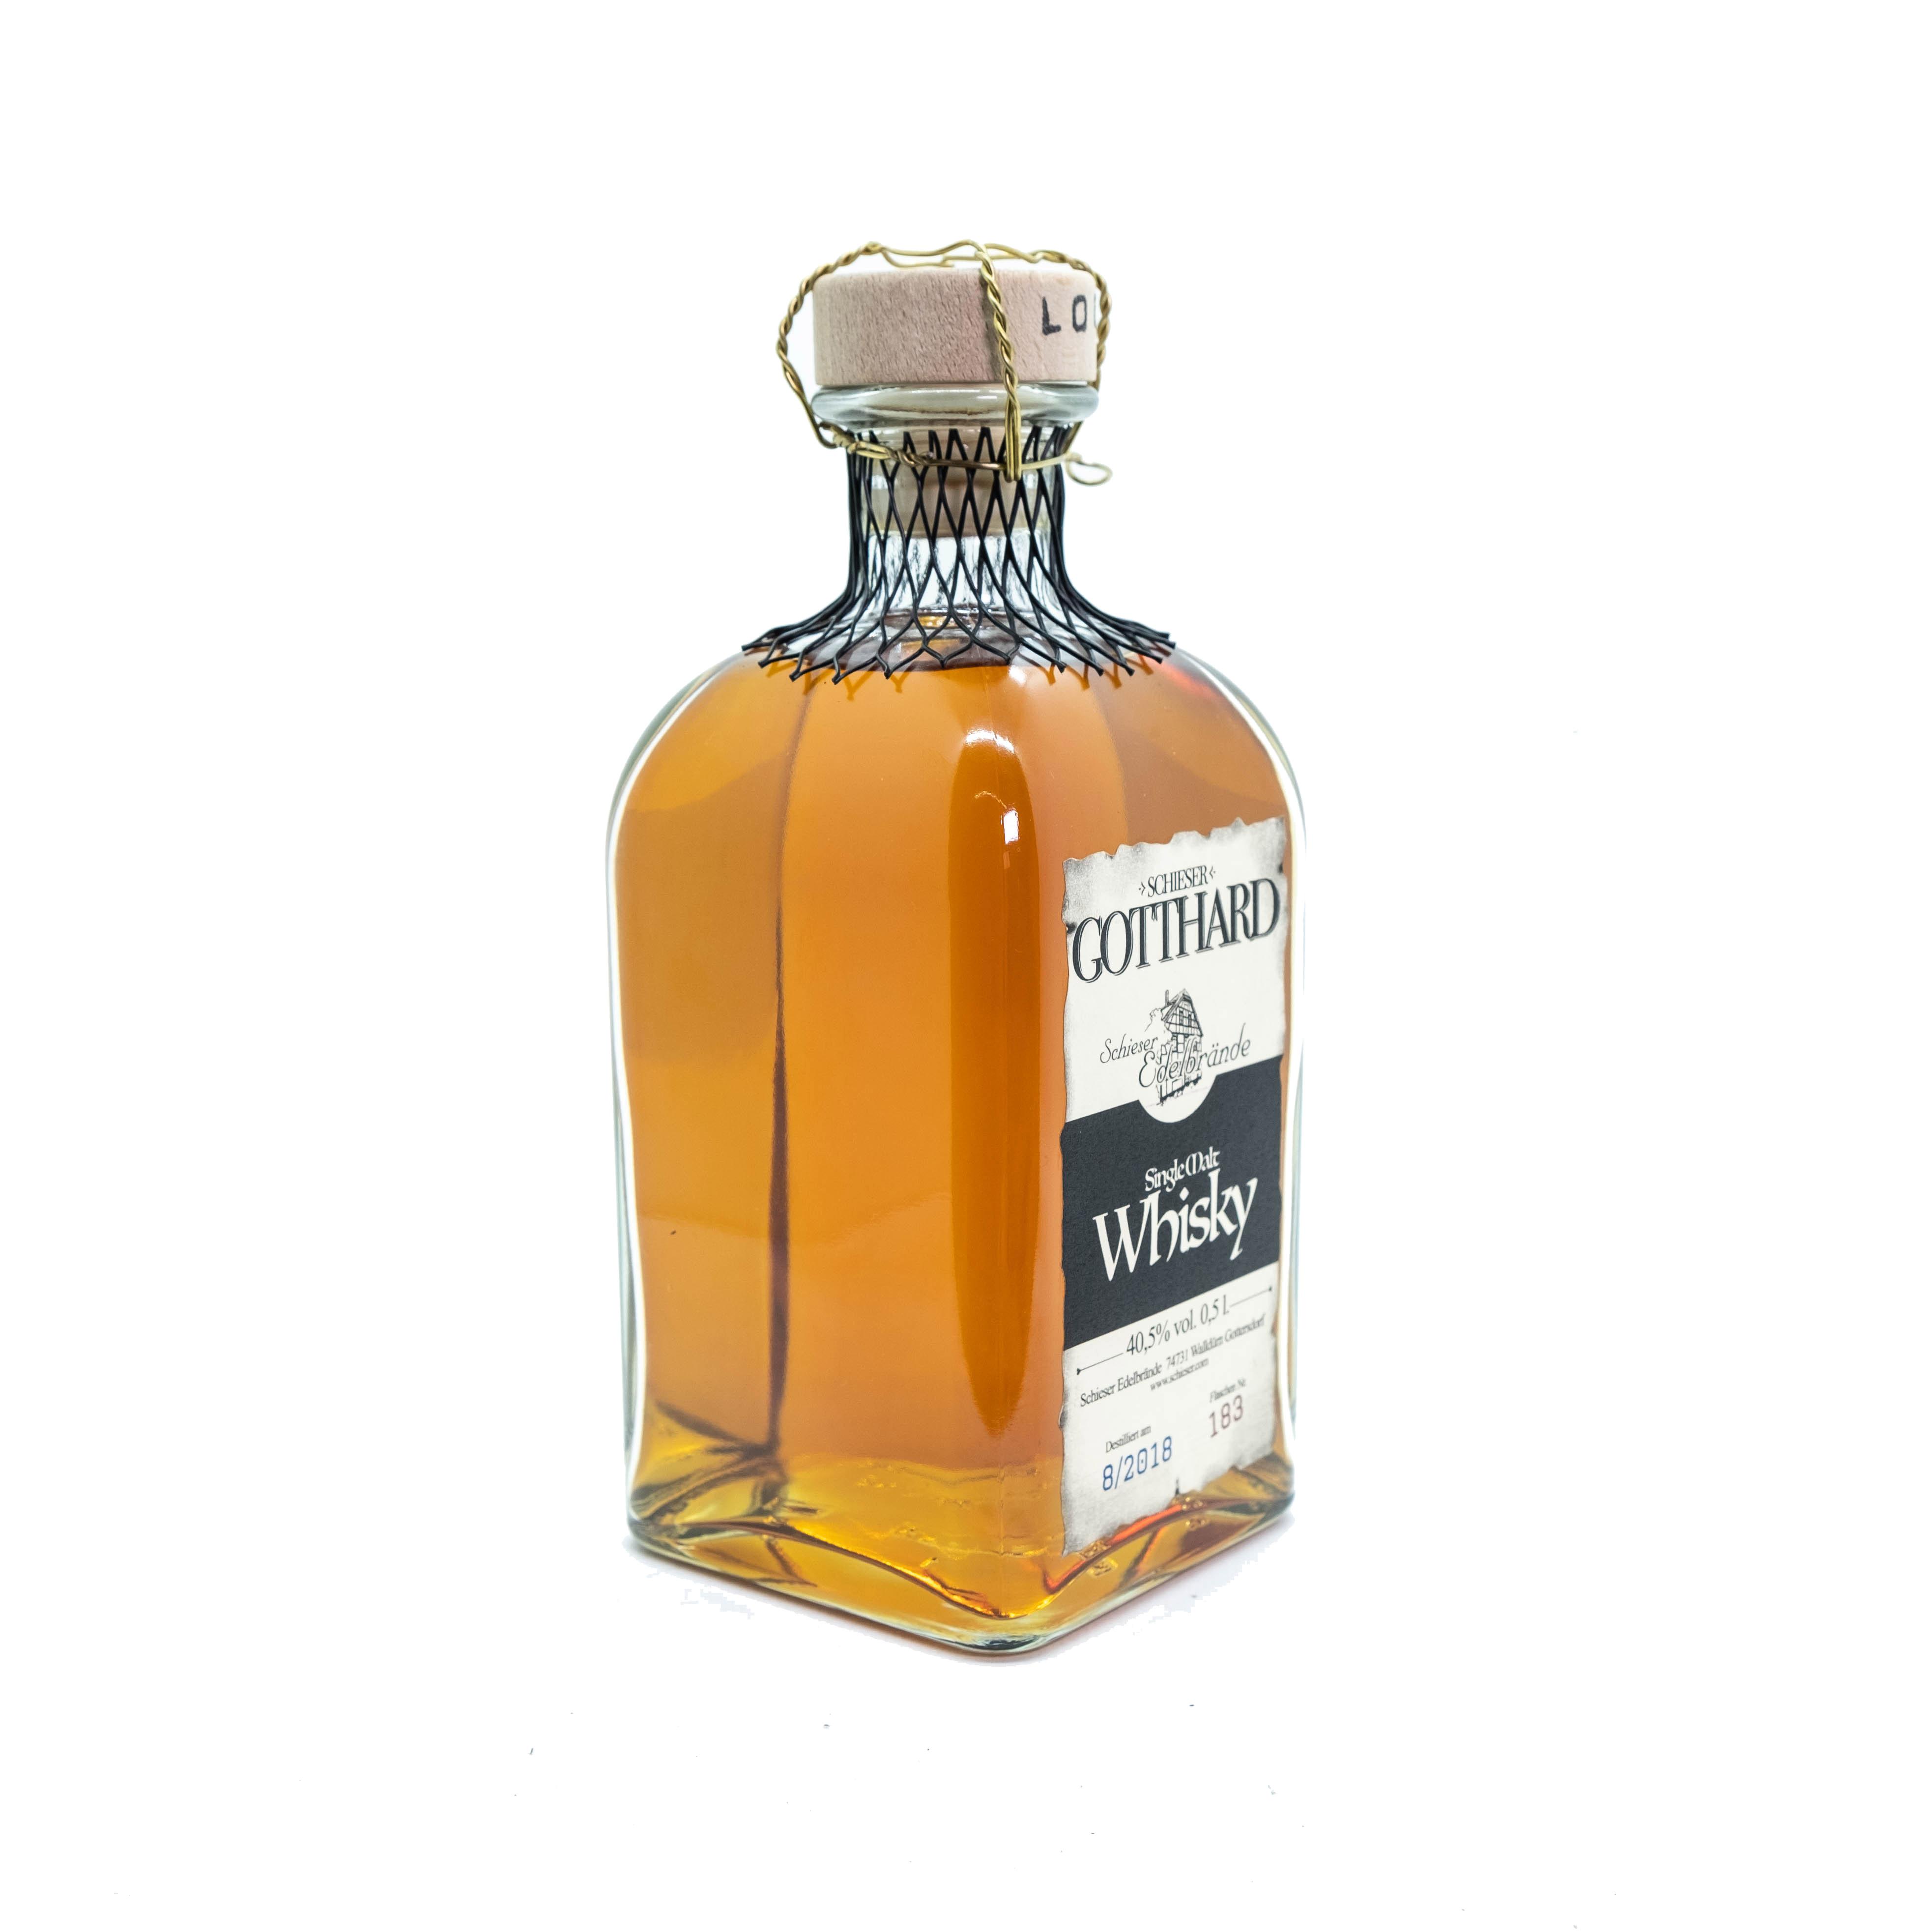 GOTTHARD - Single Malt Whisky